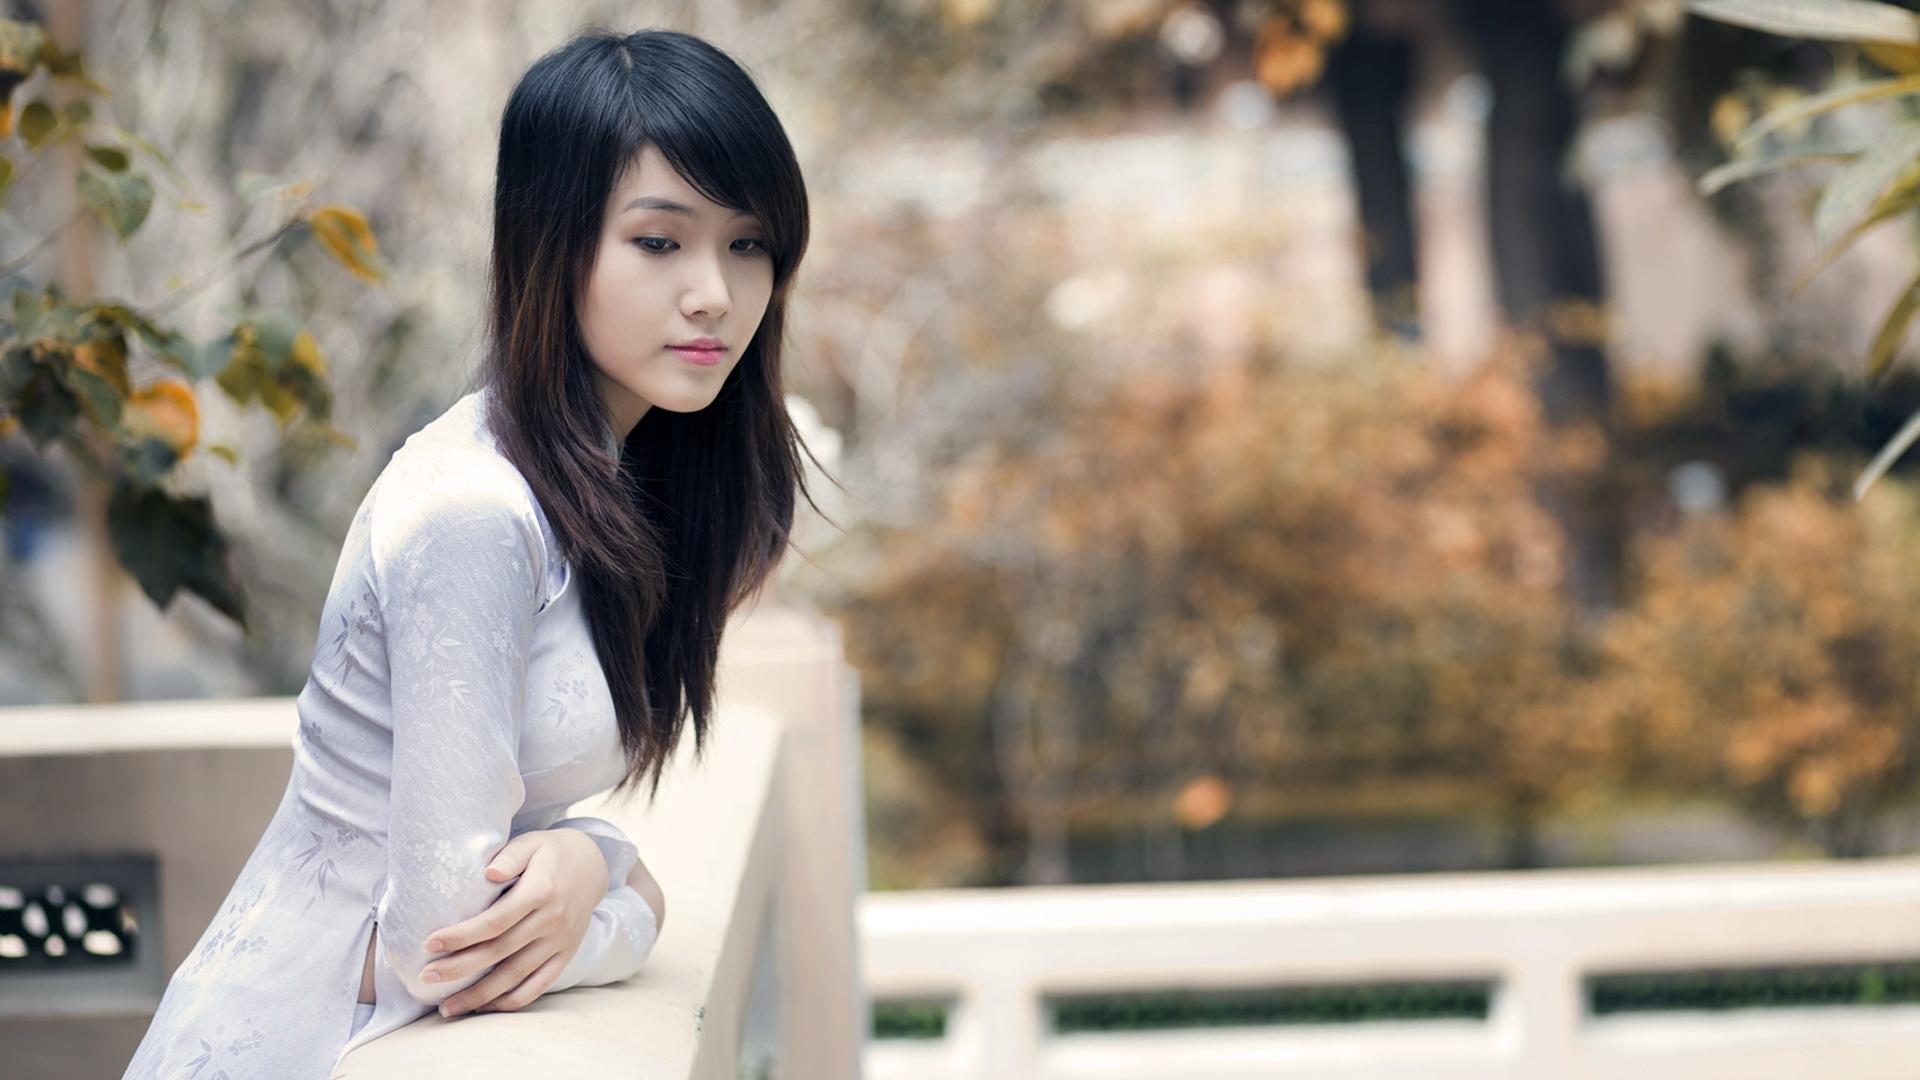 亚洲美女壁纸精选 - 花開有聲 - 花開有聲